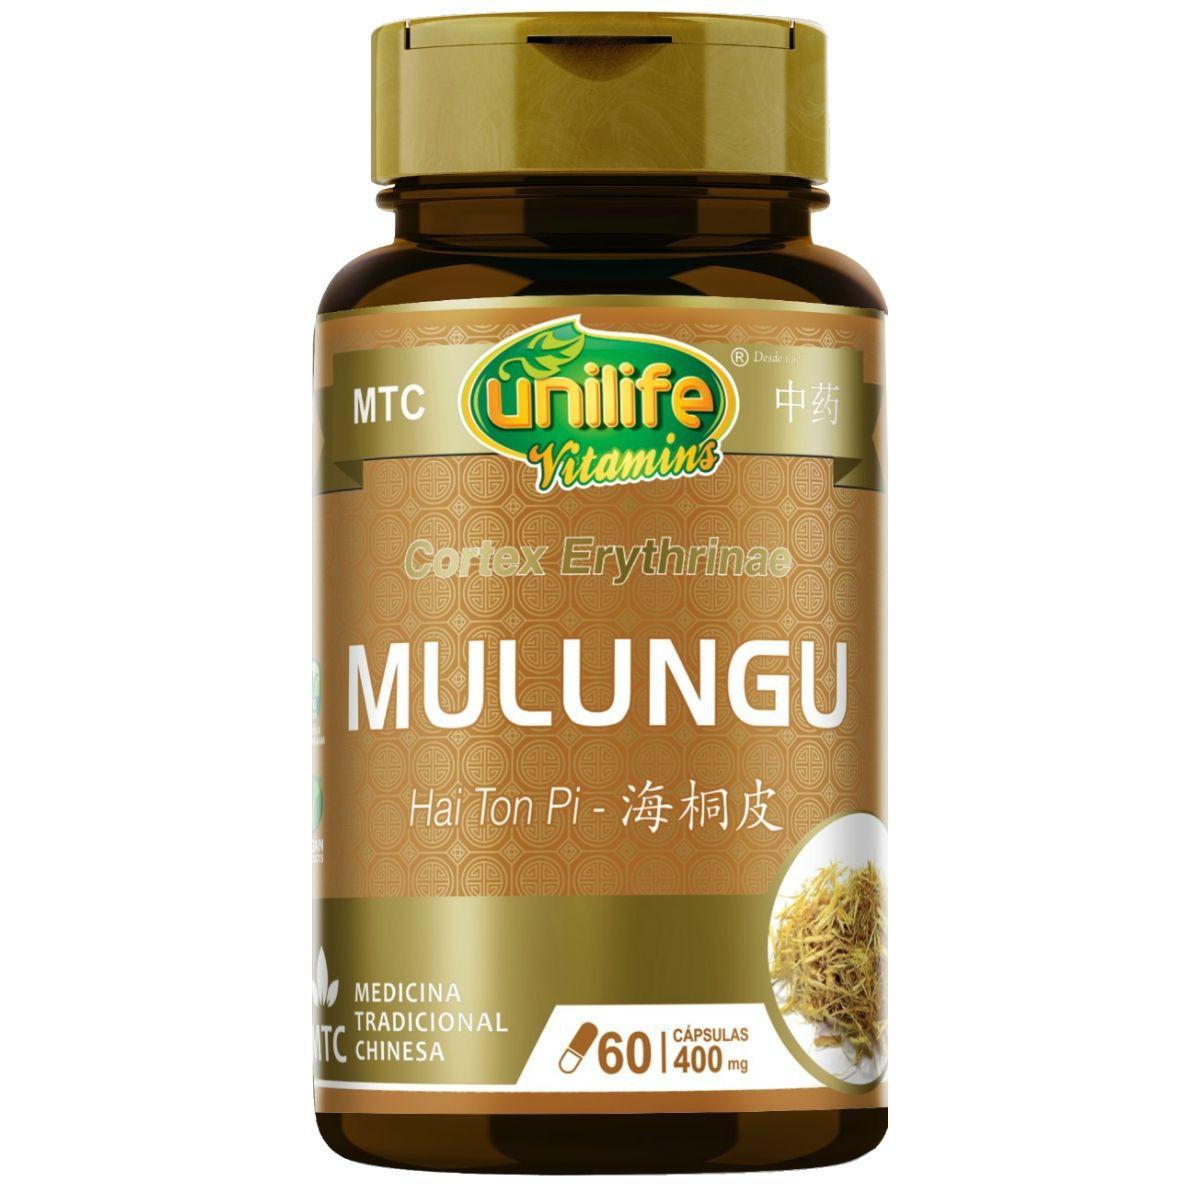 MTC Mulungu Puro Vegano 400mg 60 Cápsulas - Unilife